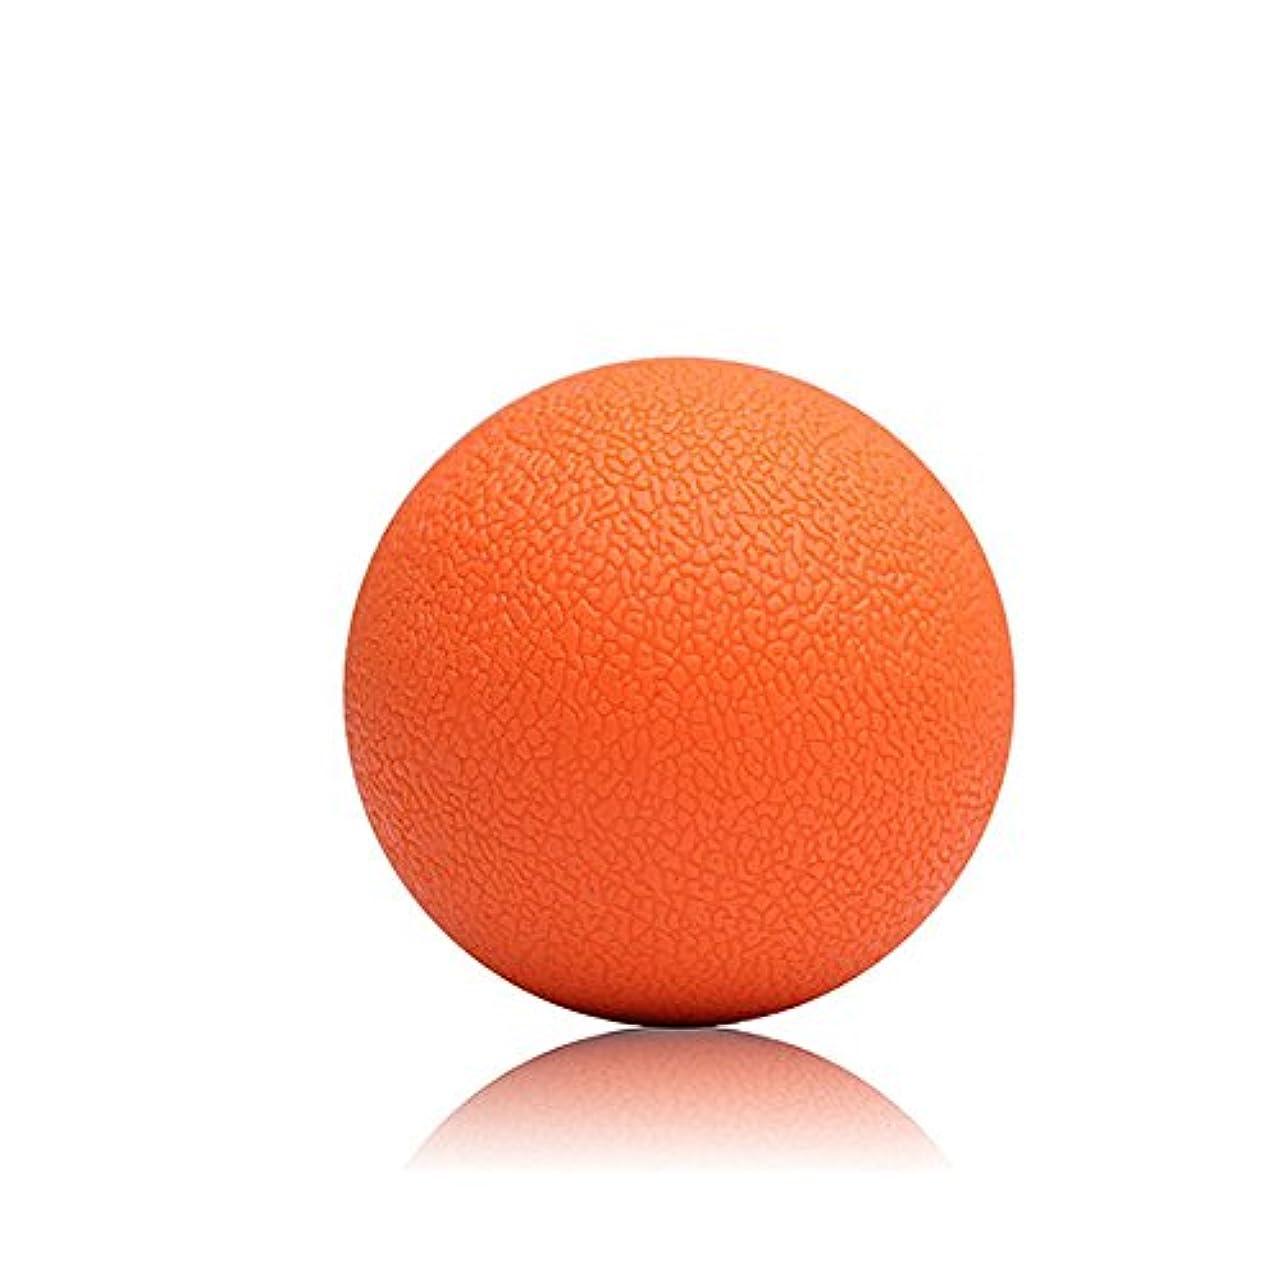 説得ポルティコ不振マッサージボール 筋膜リリース 指圧ボール 足裏 ふくらはぎ ツボ押しグッズ 健康グッズ